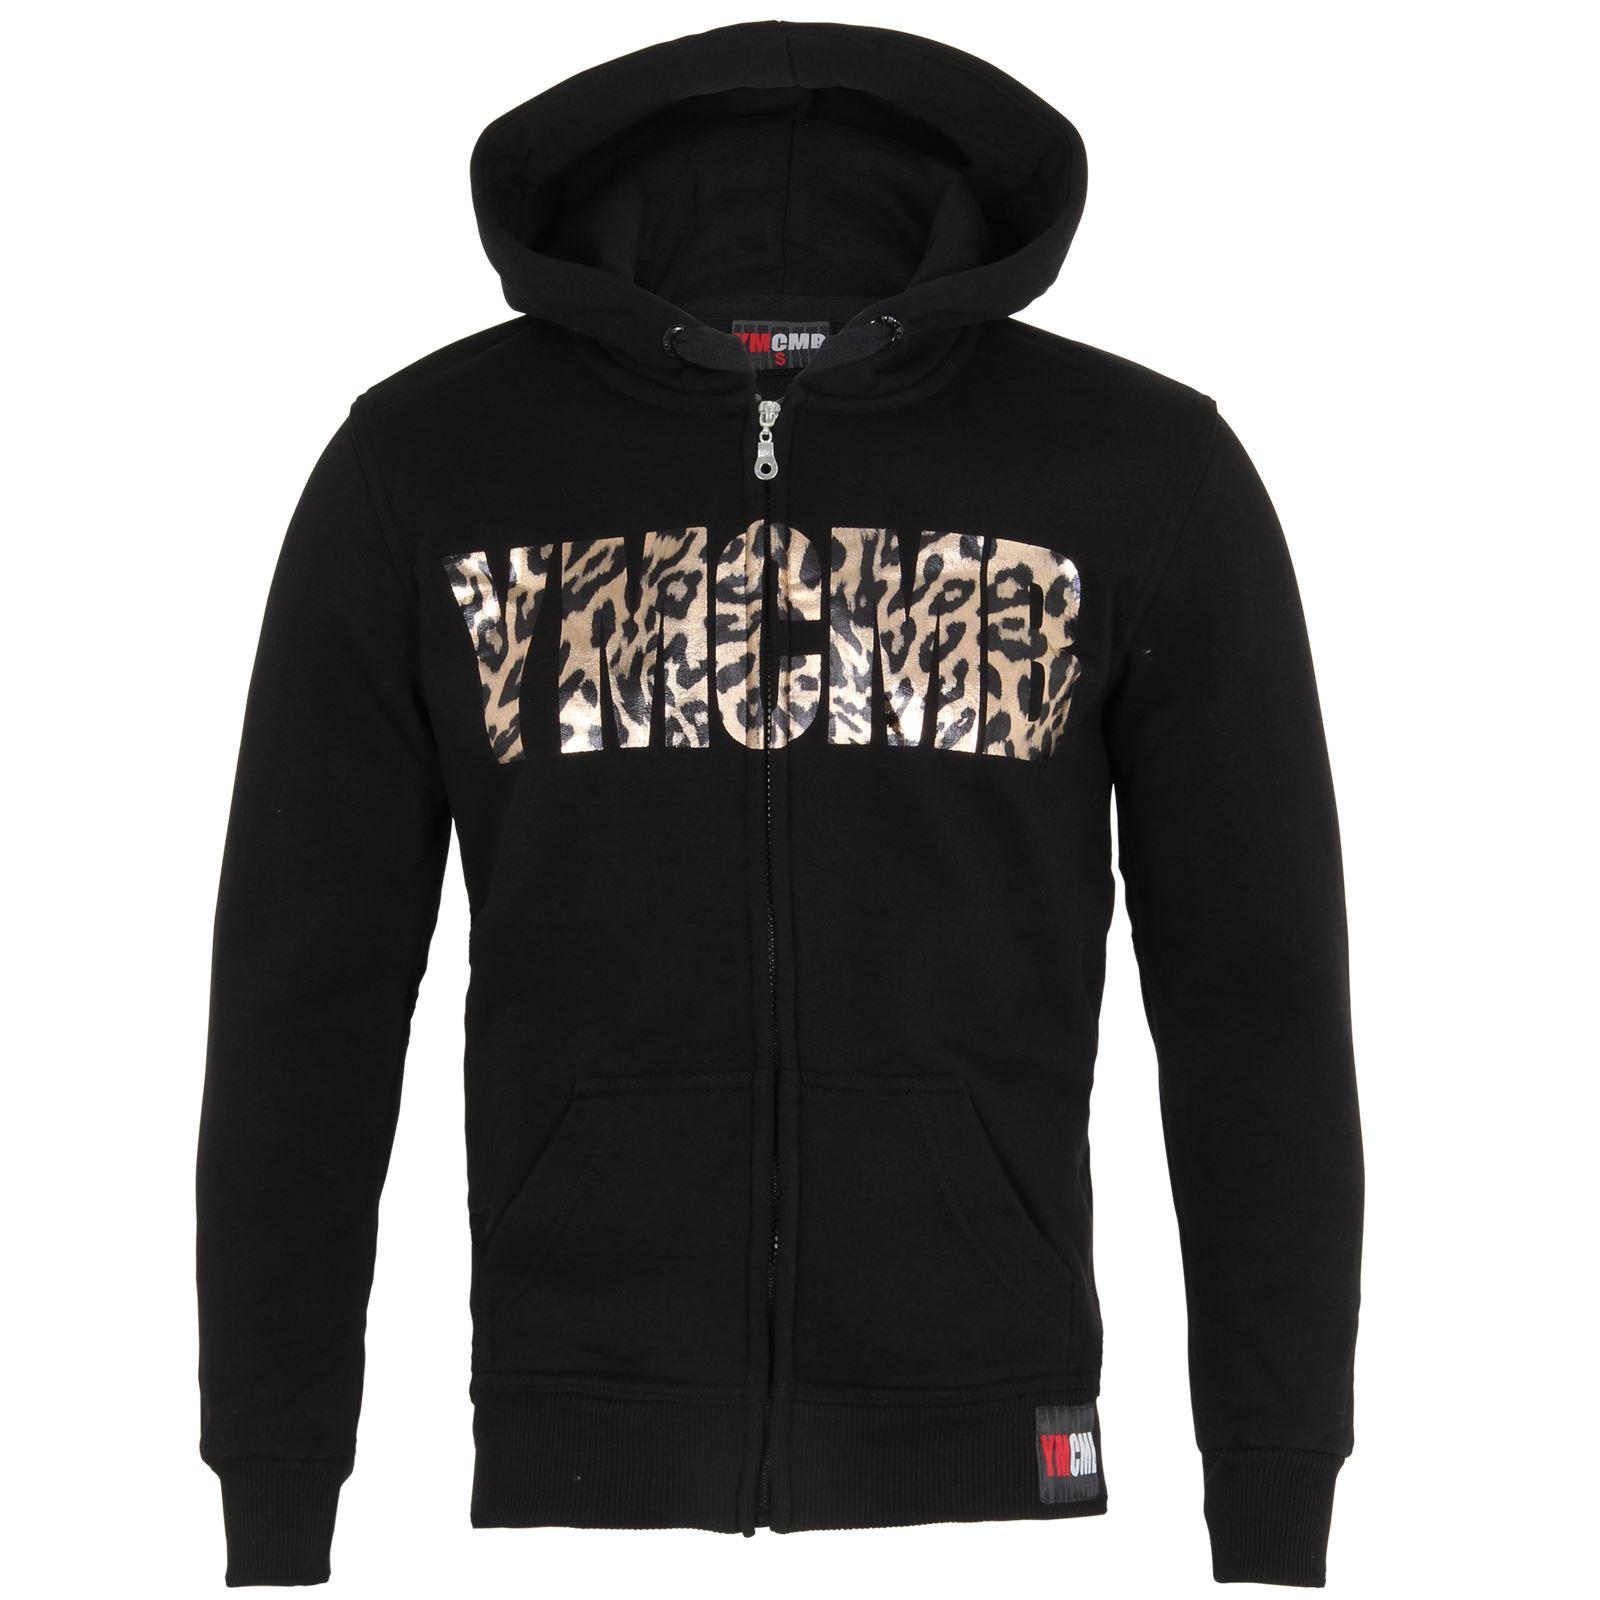 Lil wayne hoodie